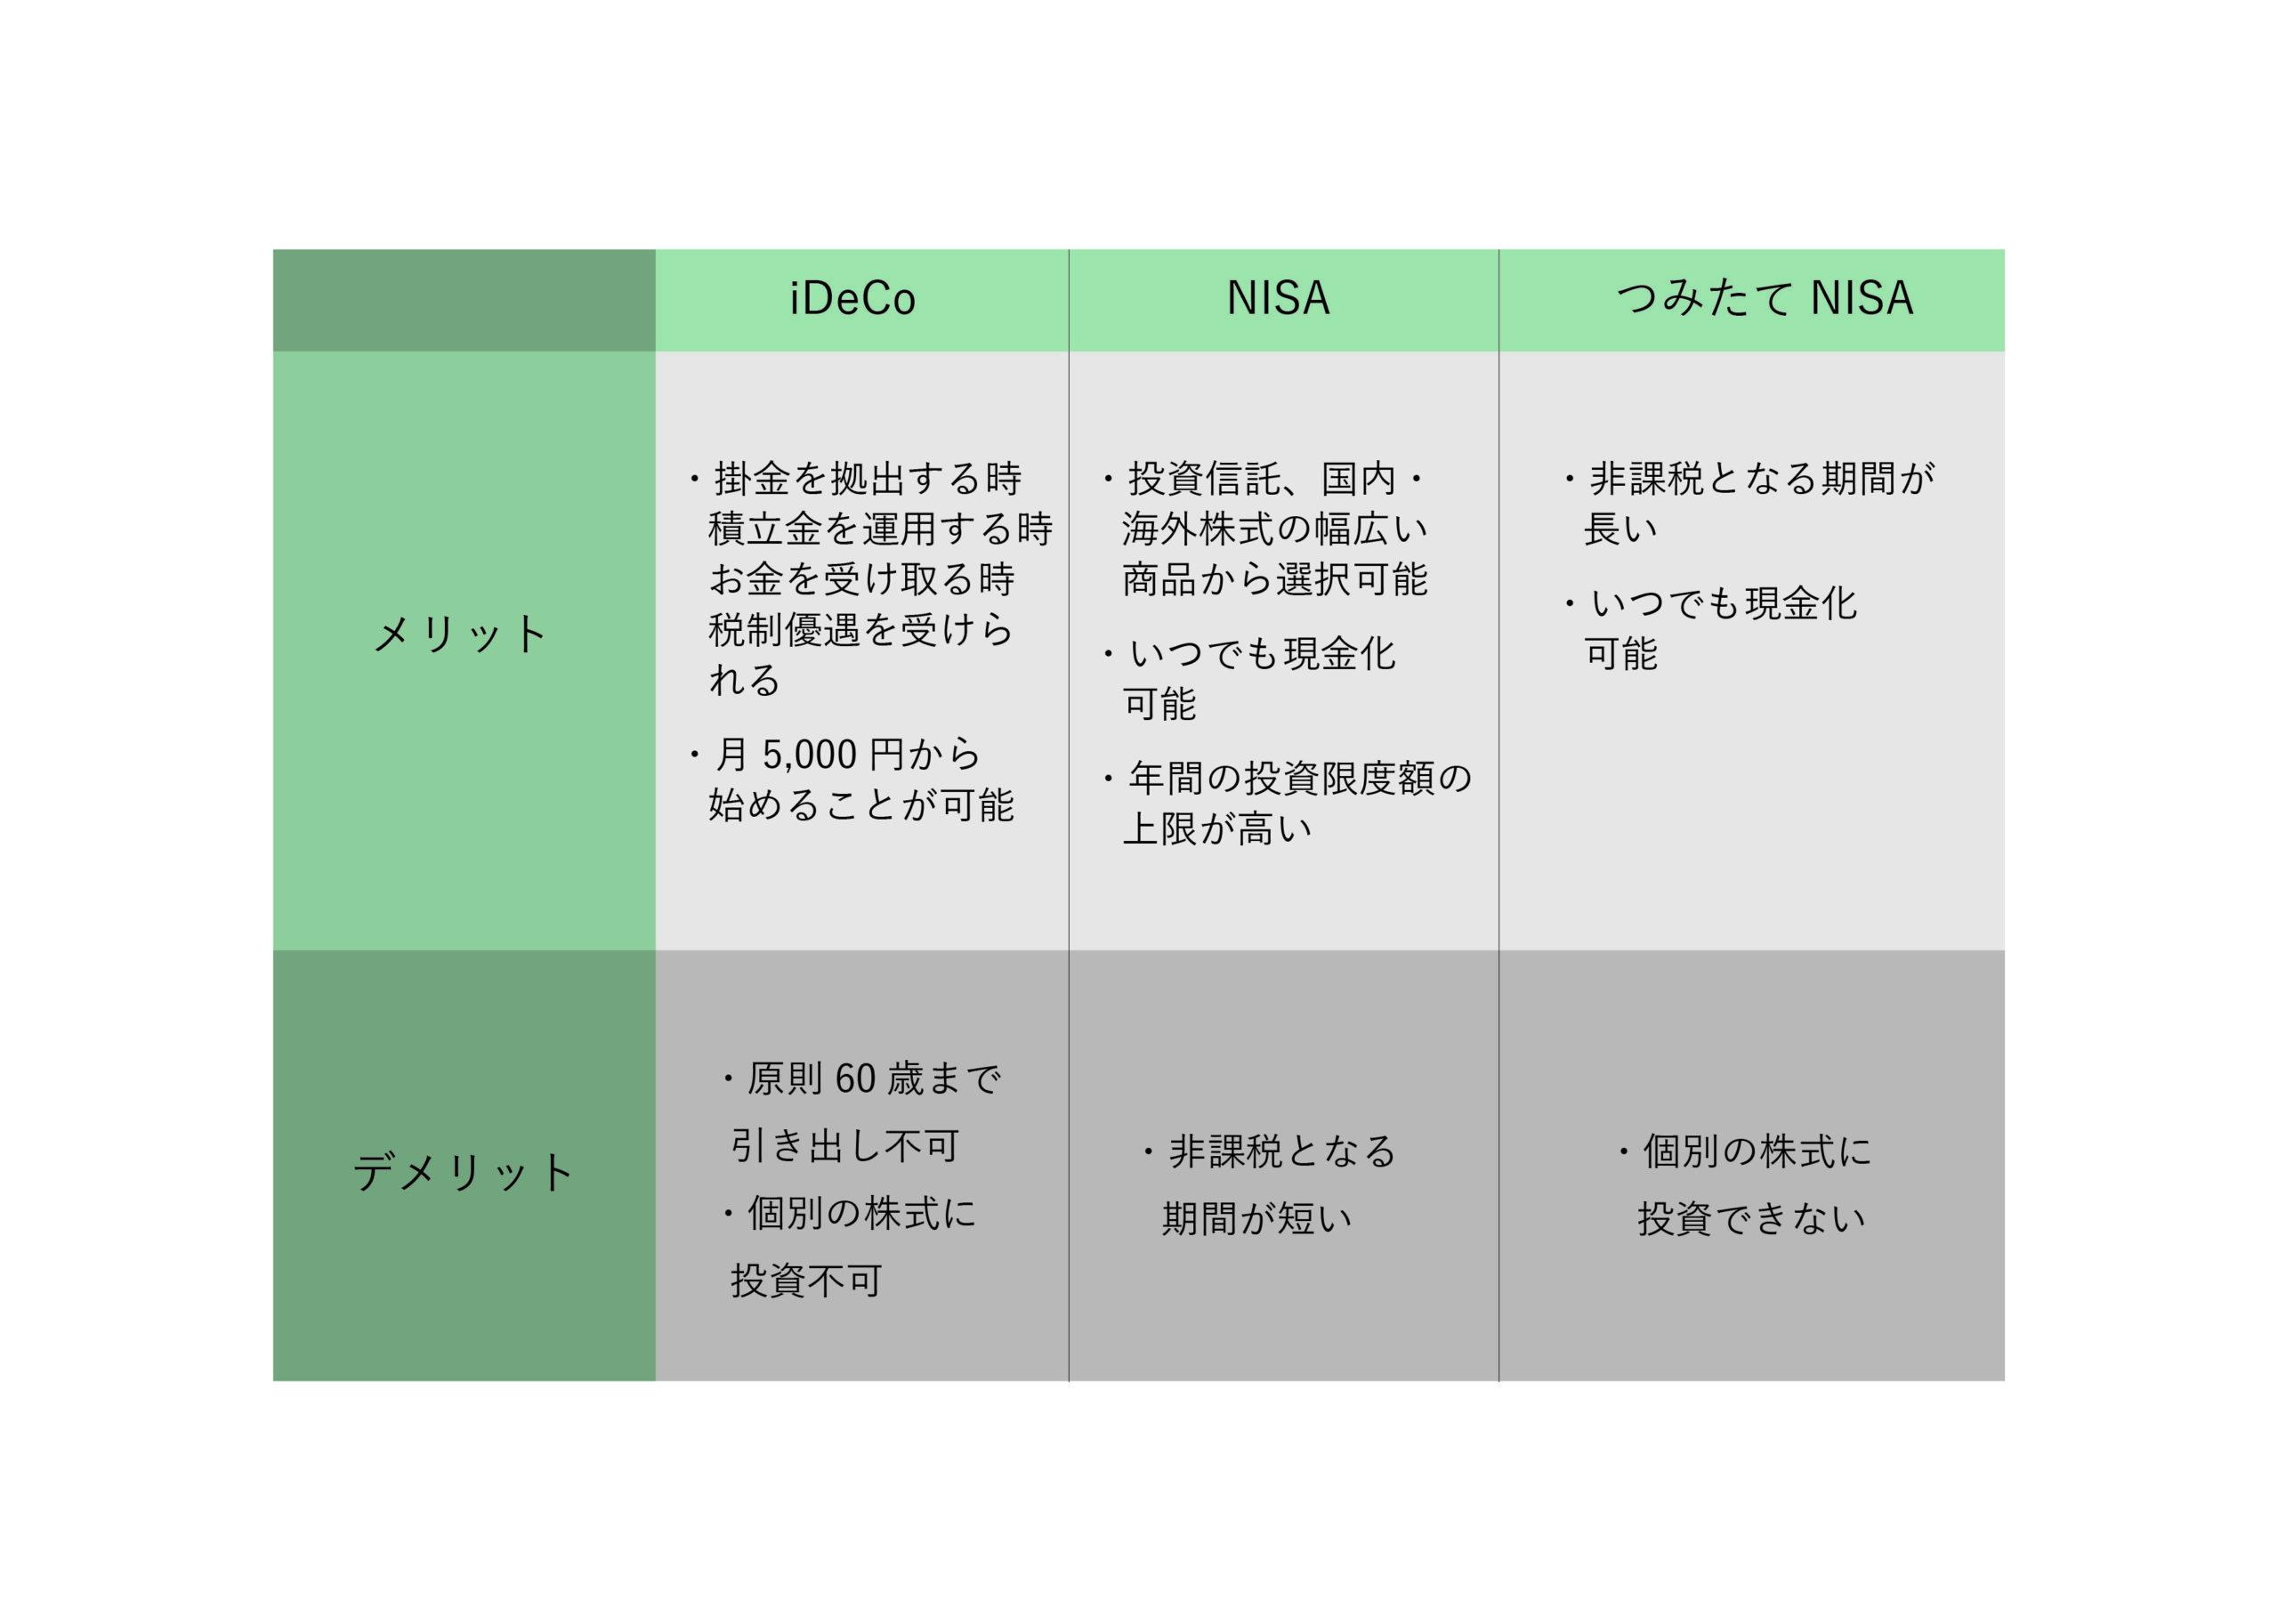 iDeCo,NISA,つみたてNISAのメリット・デメリット